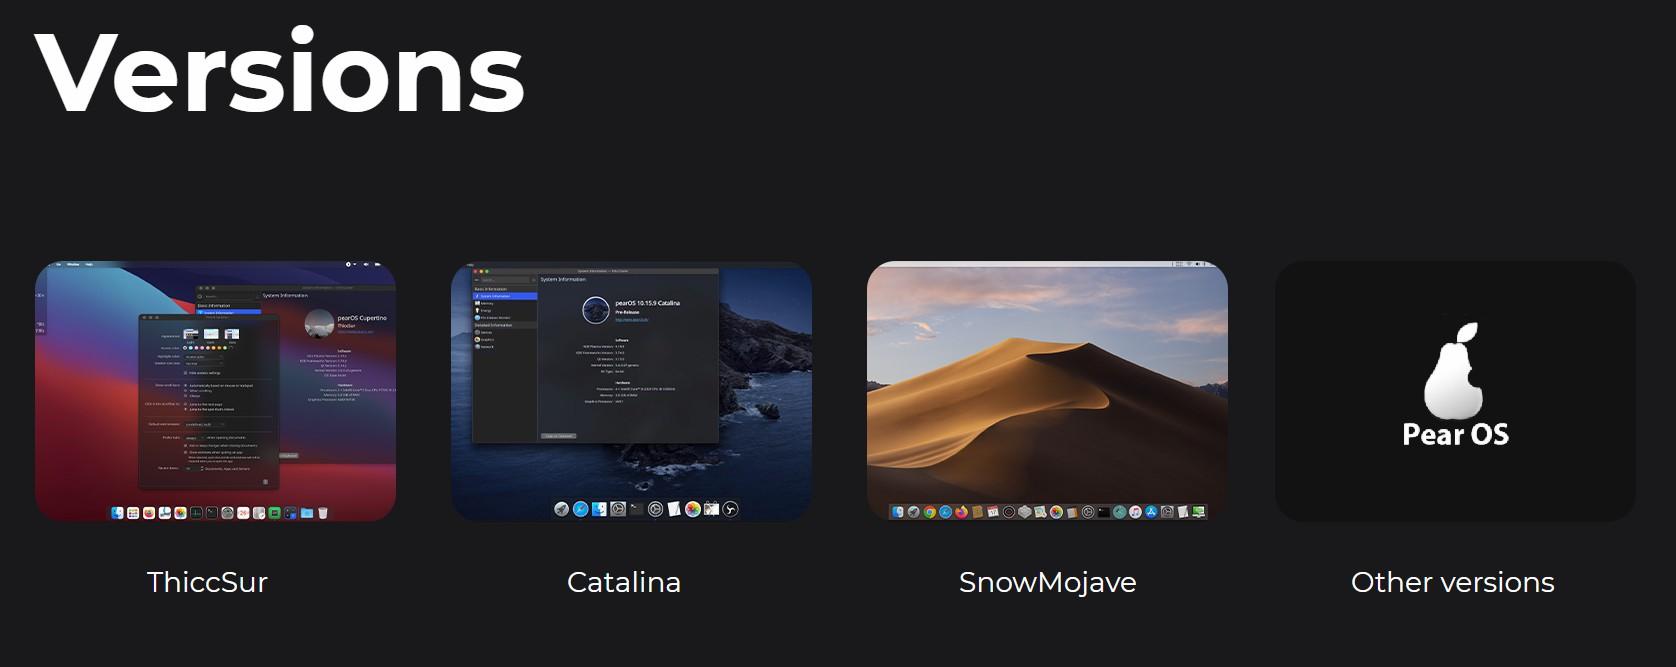 شرح خطوات تحميل و تثبيت وتشغيل Pear OS علي الكمبيوتر لعشاق لينكس والماك الآن في نظام واحد